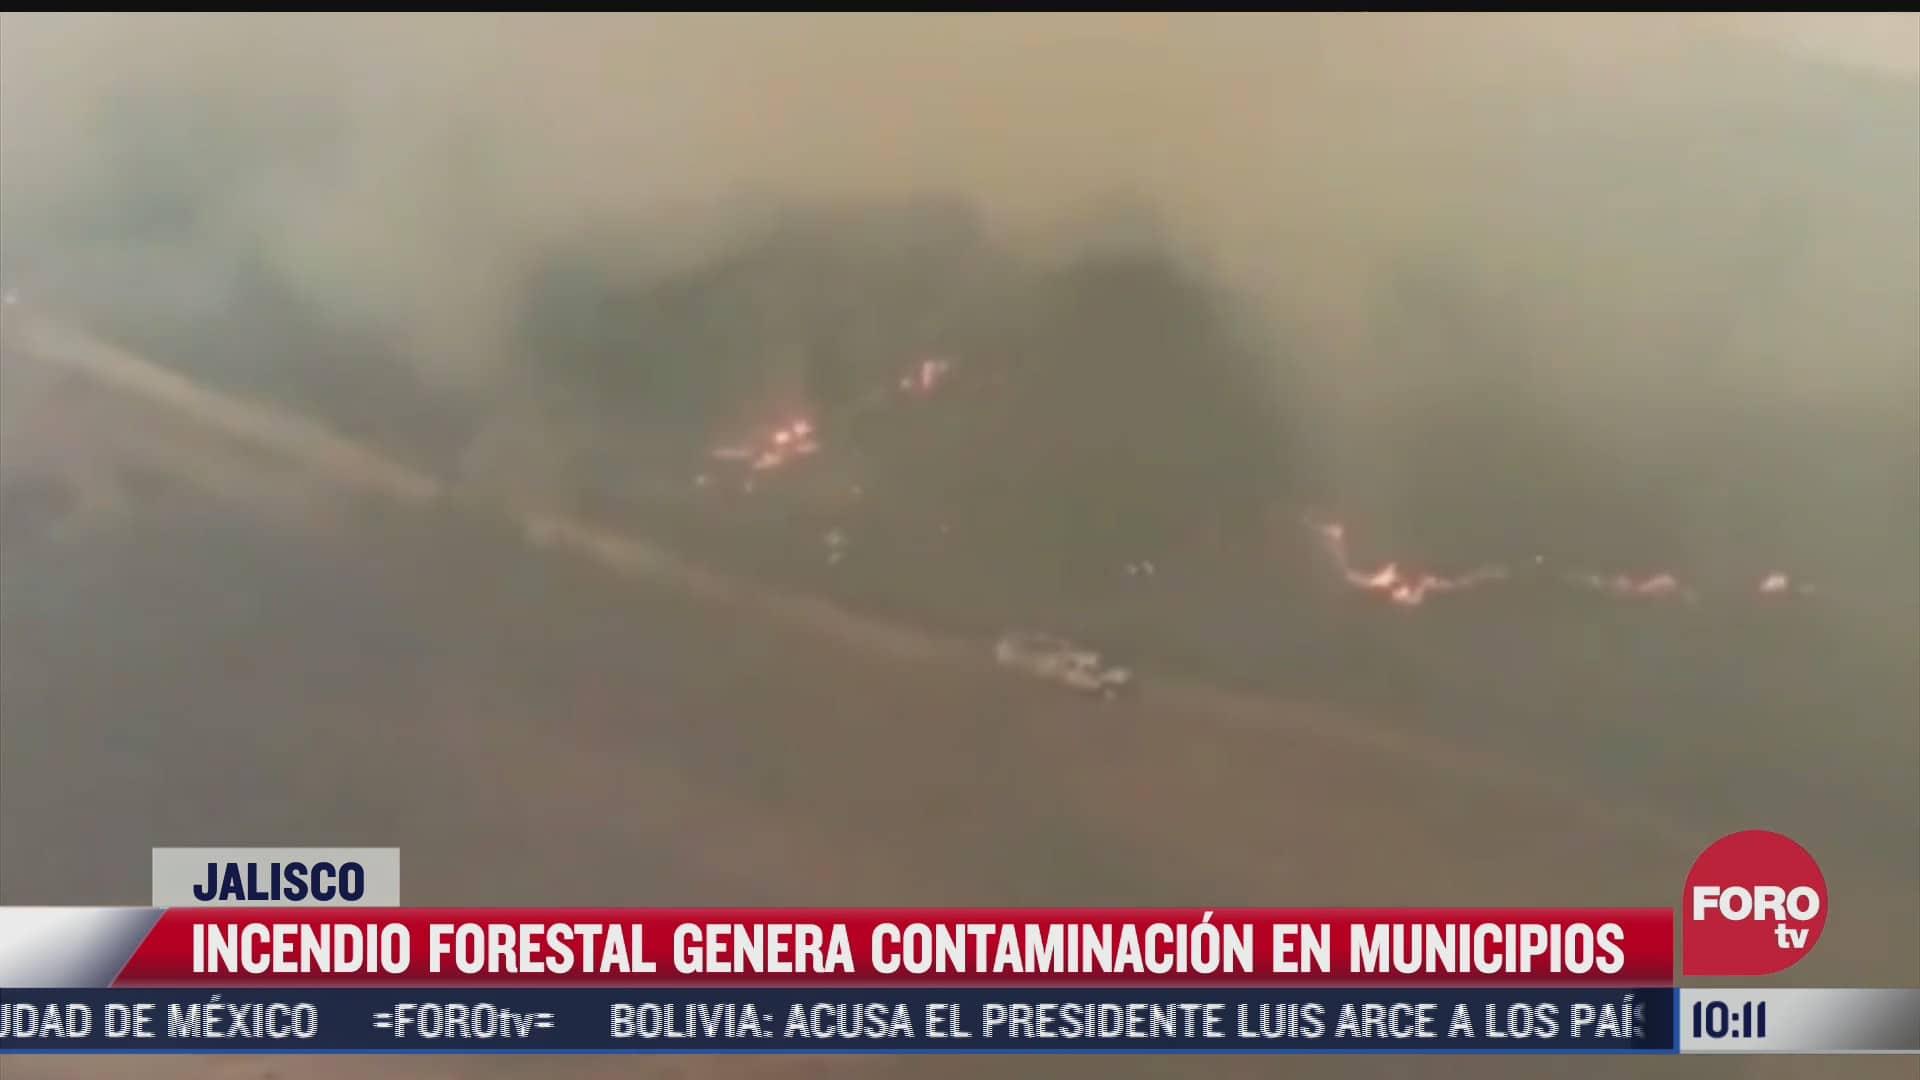 incendio forestal genera contaminacion ambiental en municipios de jalisco